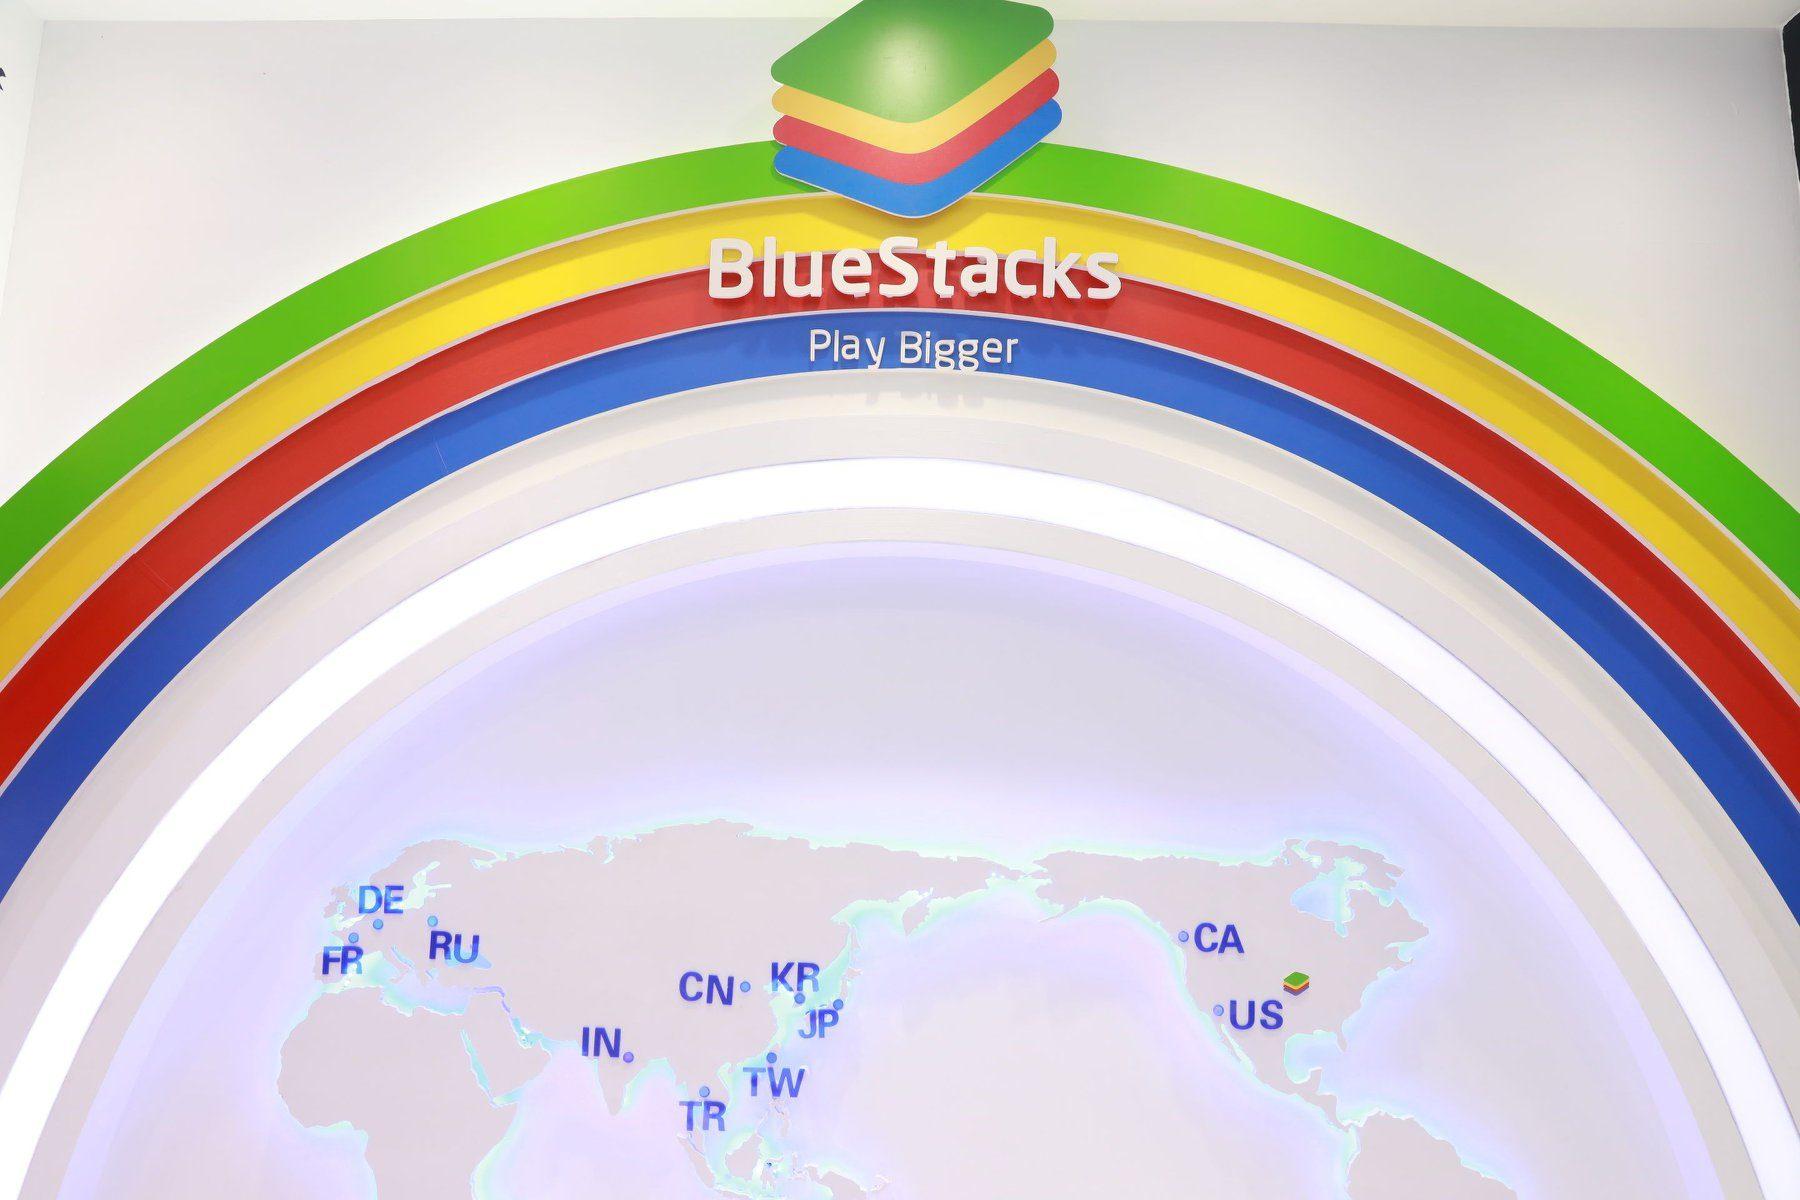 安卓手遊平台第一品牌BlueStacks攜全球5億用戶參展ChinaJoy2018